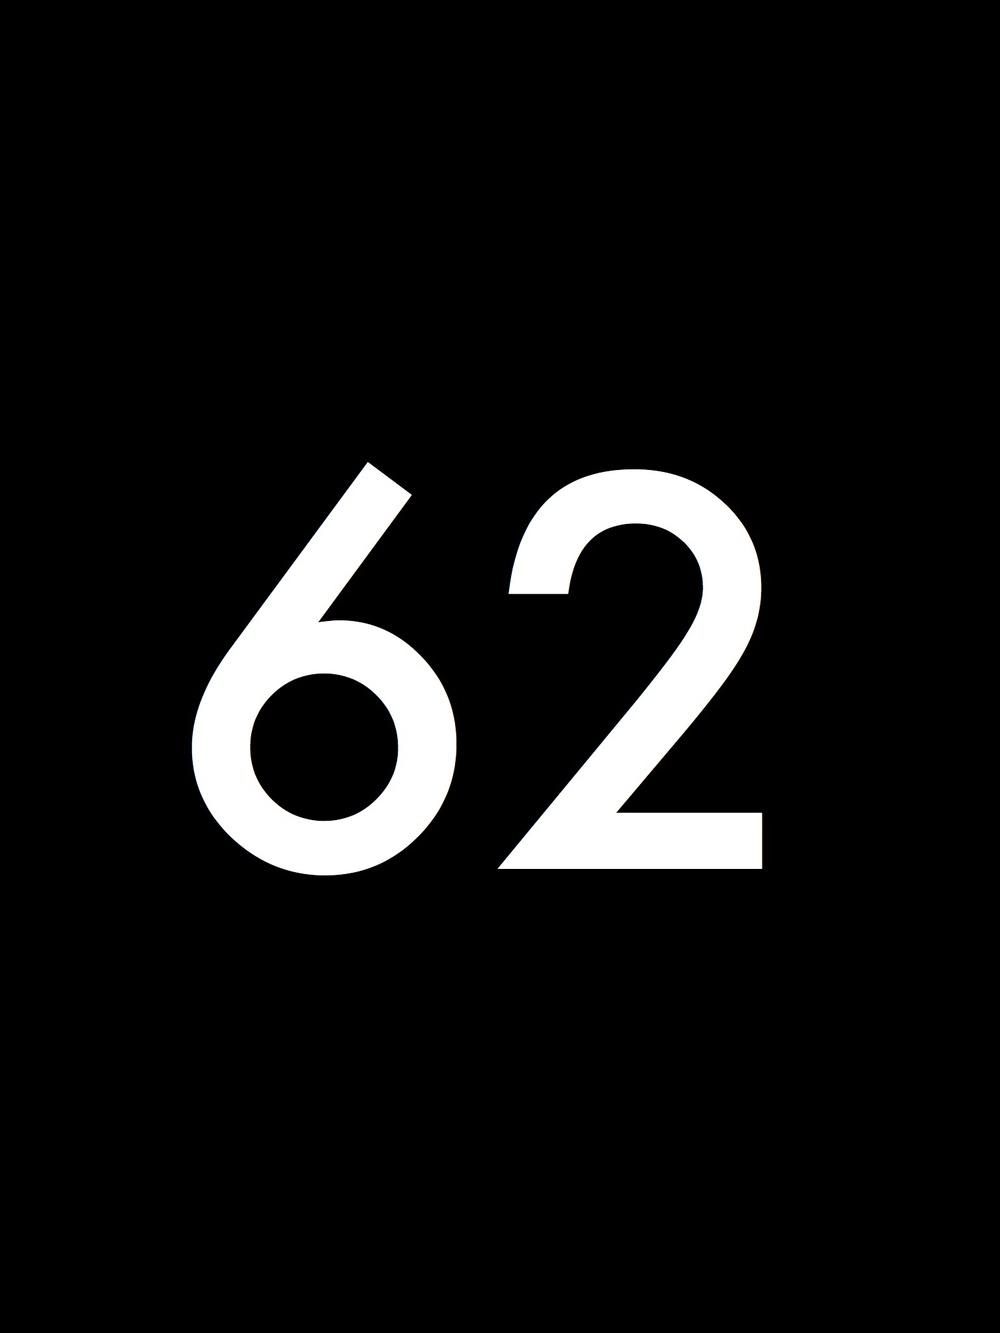 Black_Number.062.jpg